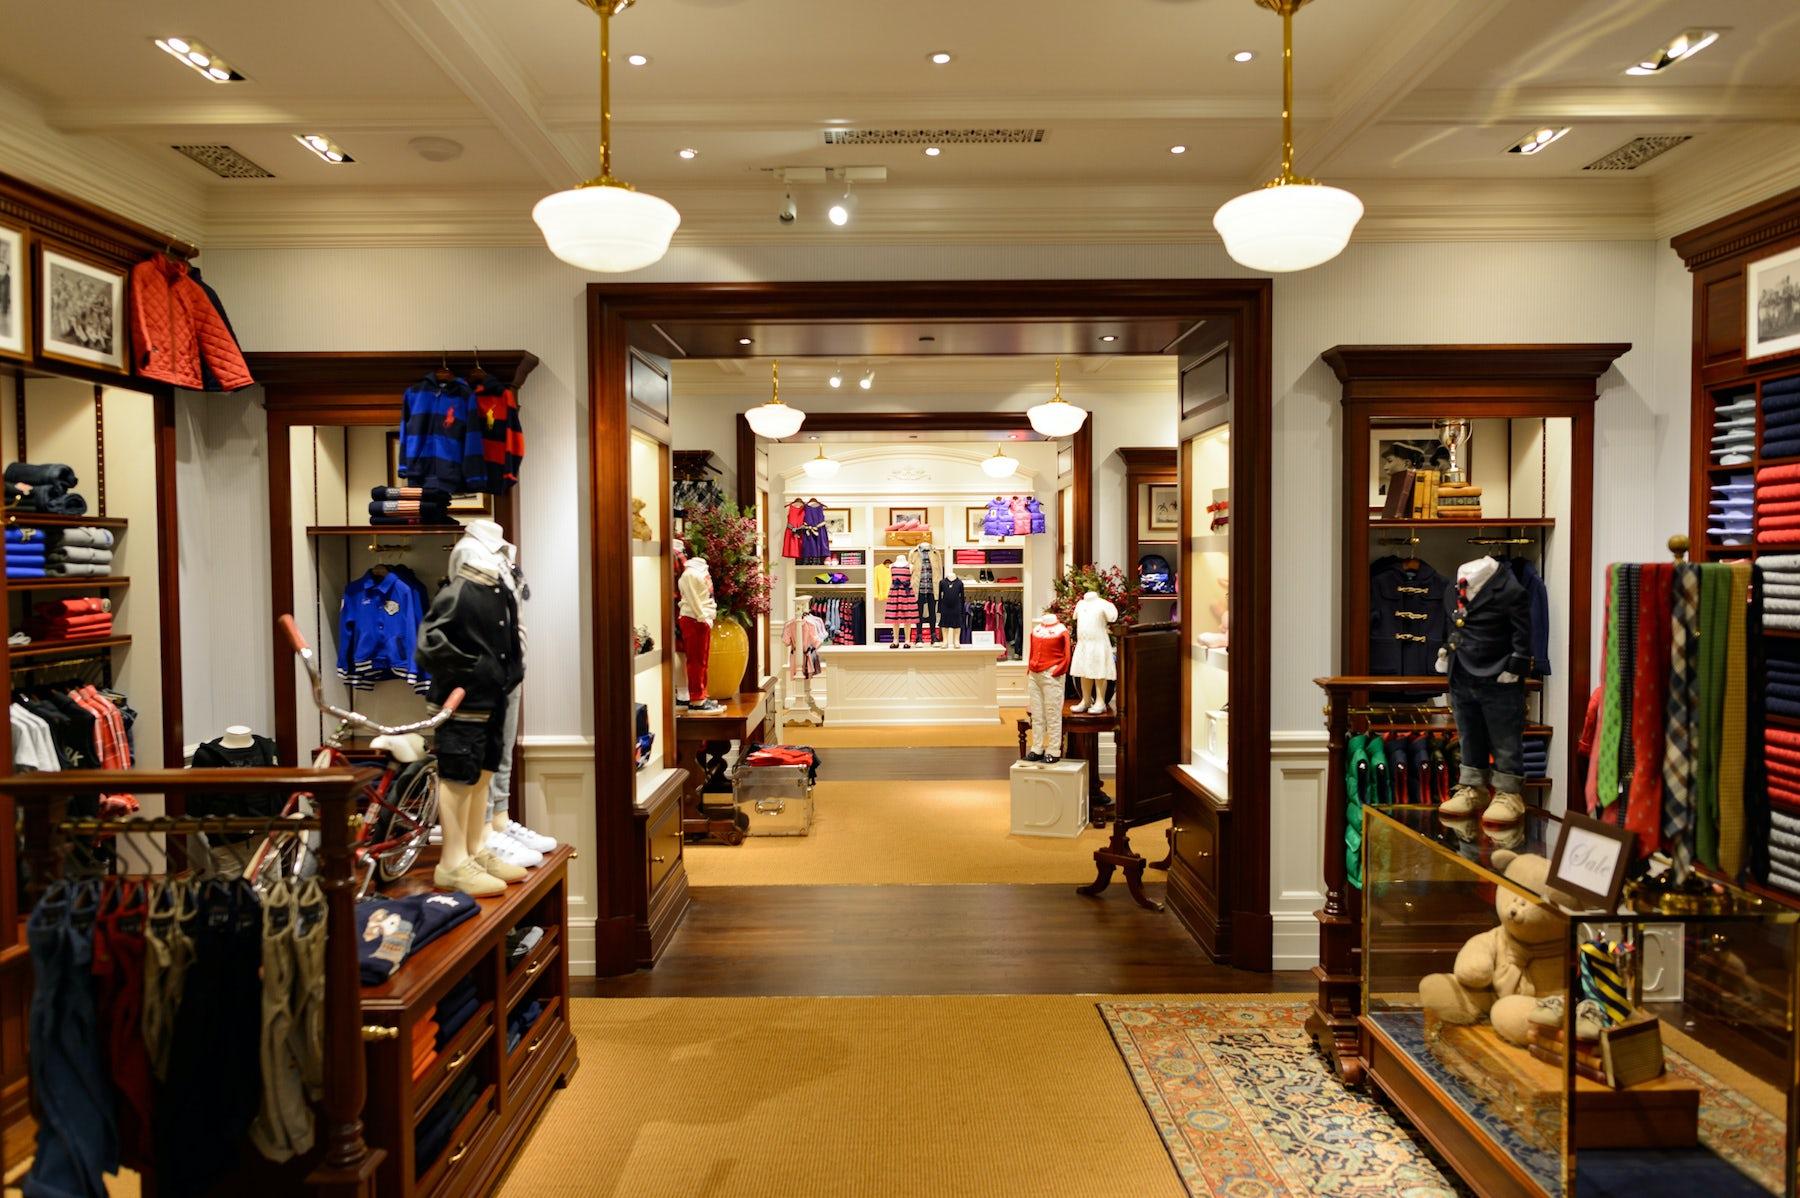 Ralph Lauren store interior | Source: Shutterstock